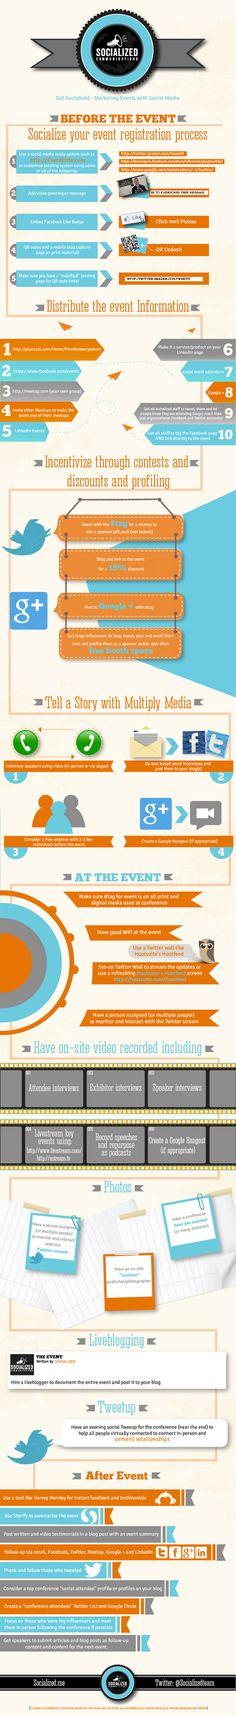 [INFOGRAFIK] Events & Social Media